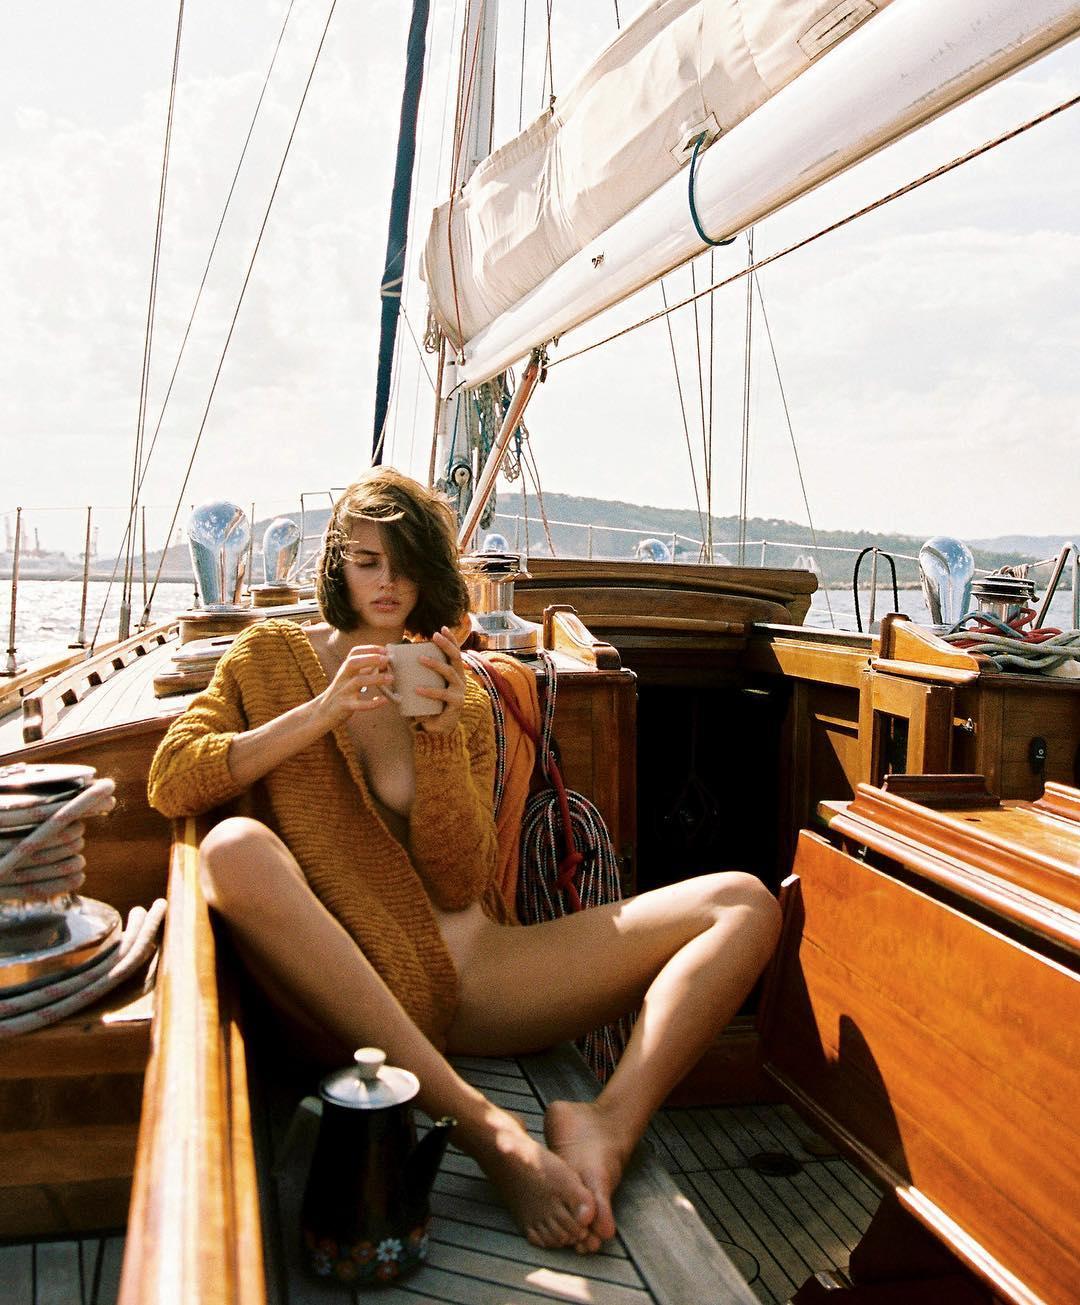 Фотограф путешествует по миру и снимает красивых девушек